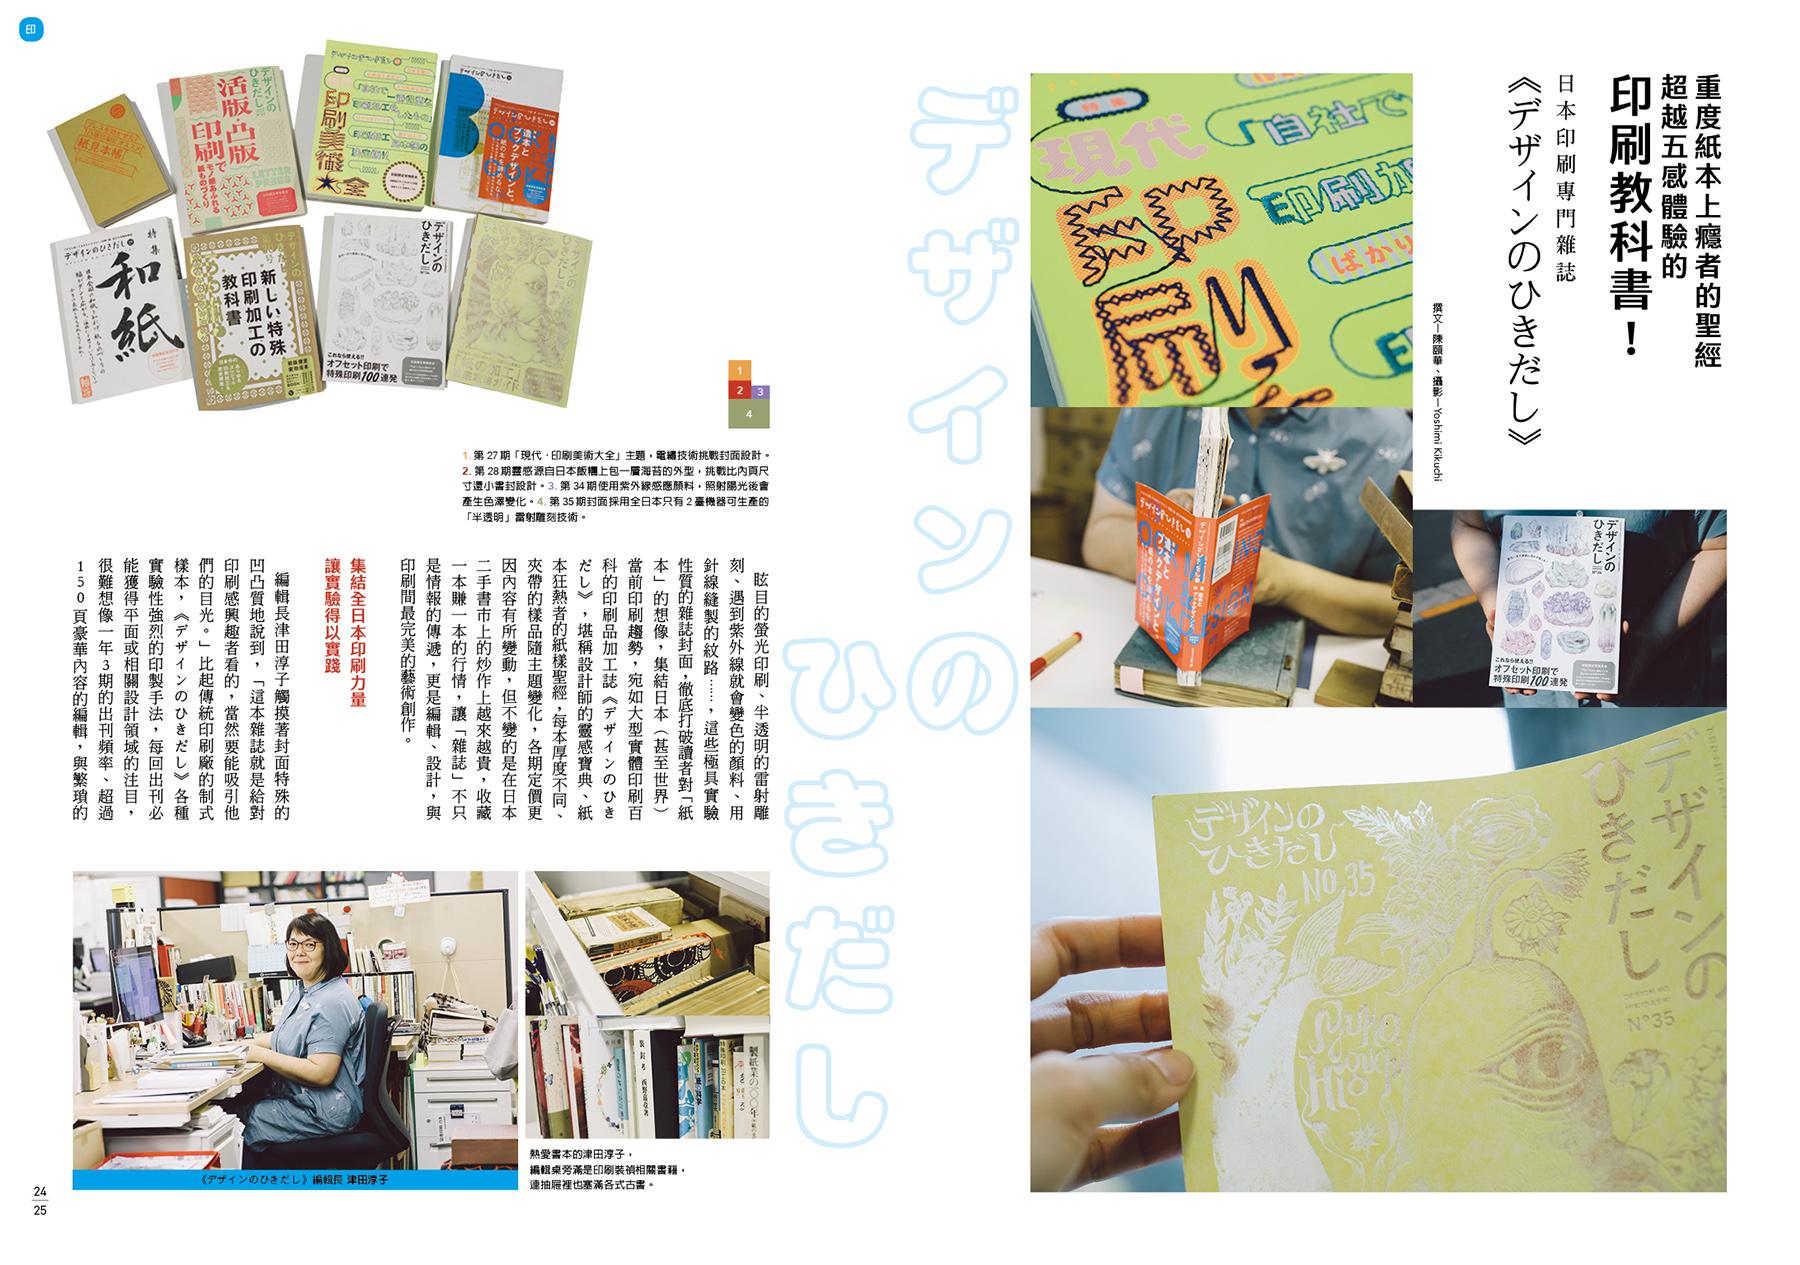 秋刀魚24_露出頁面3.jpg